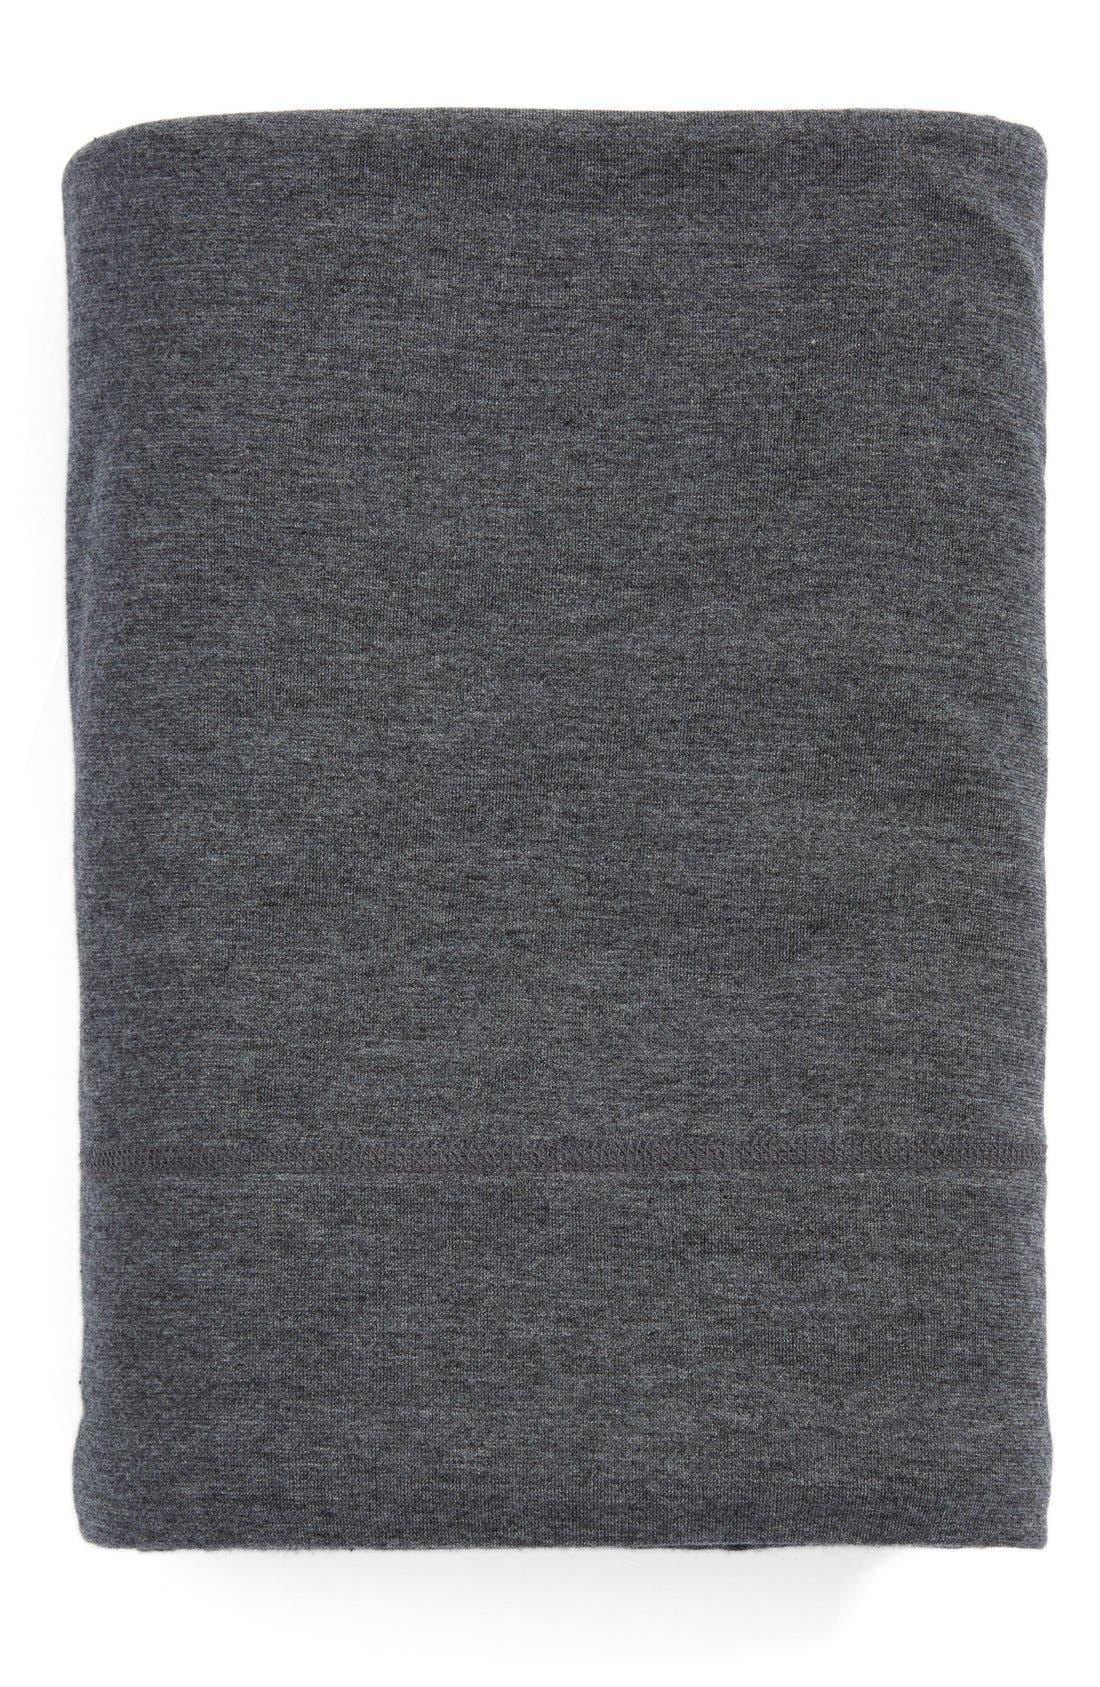 Calvin Klein Modern Cotton Collection Cotton & Modal Flat Sheet,                             Main thumbnail 1, color,                             CHARCOAL